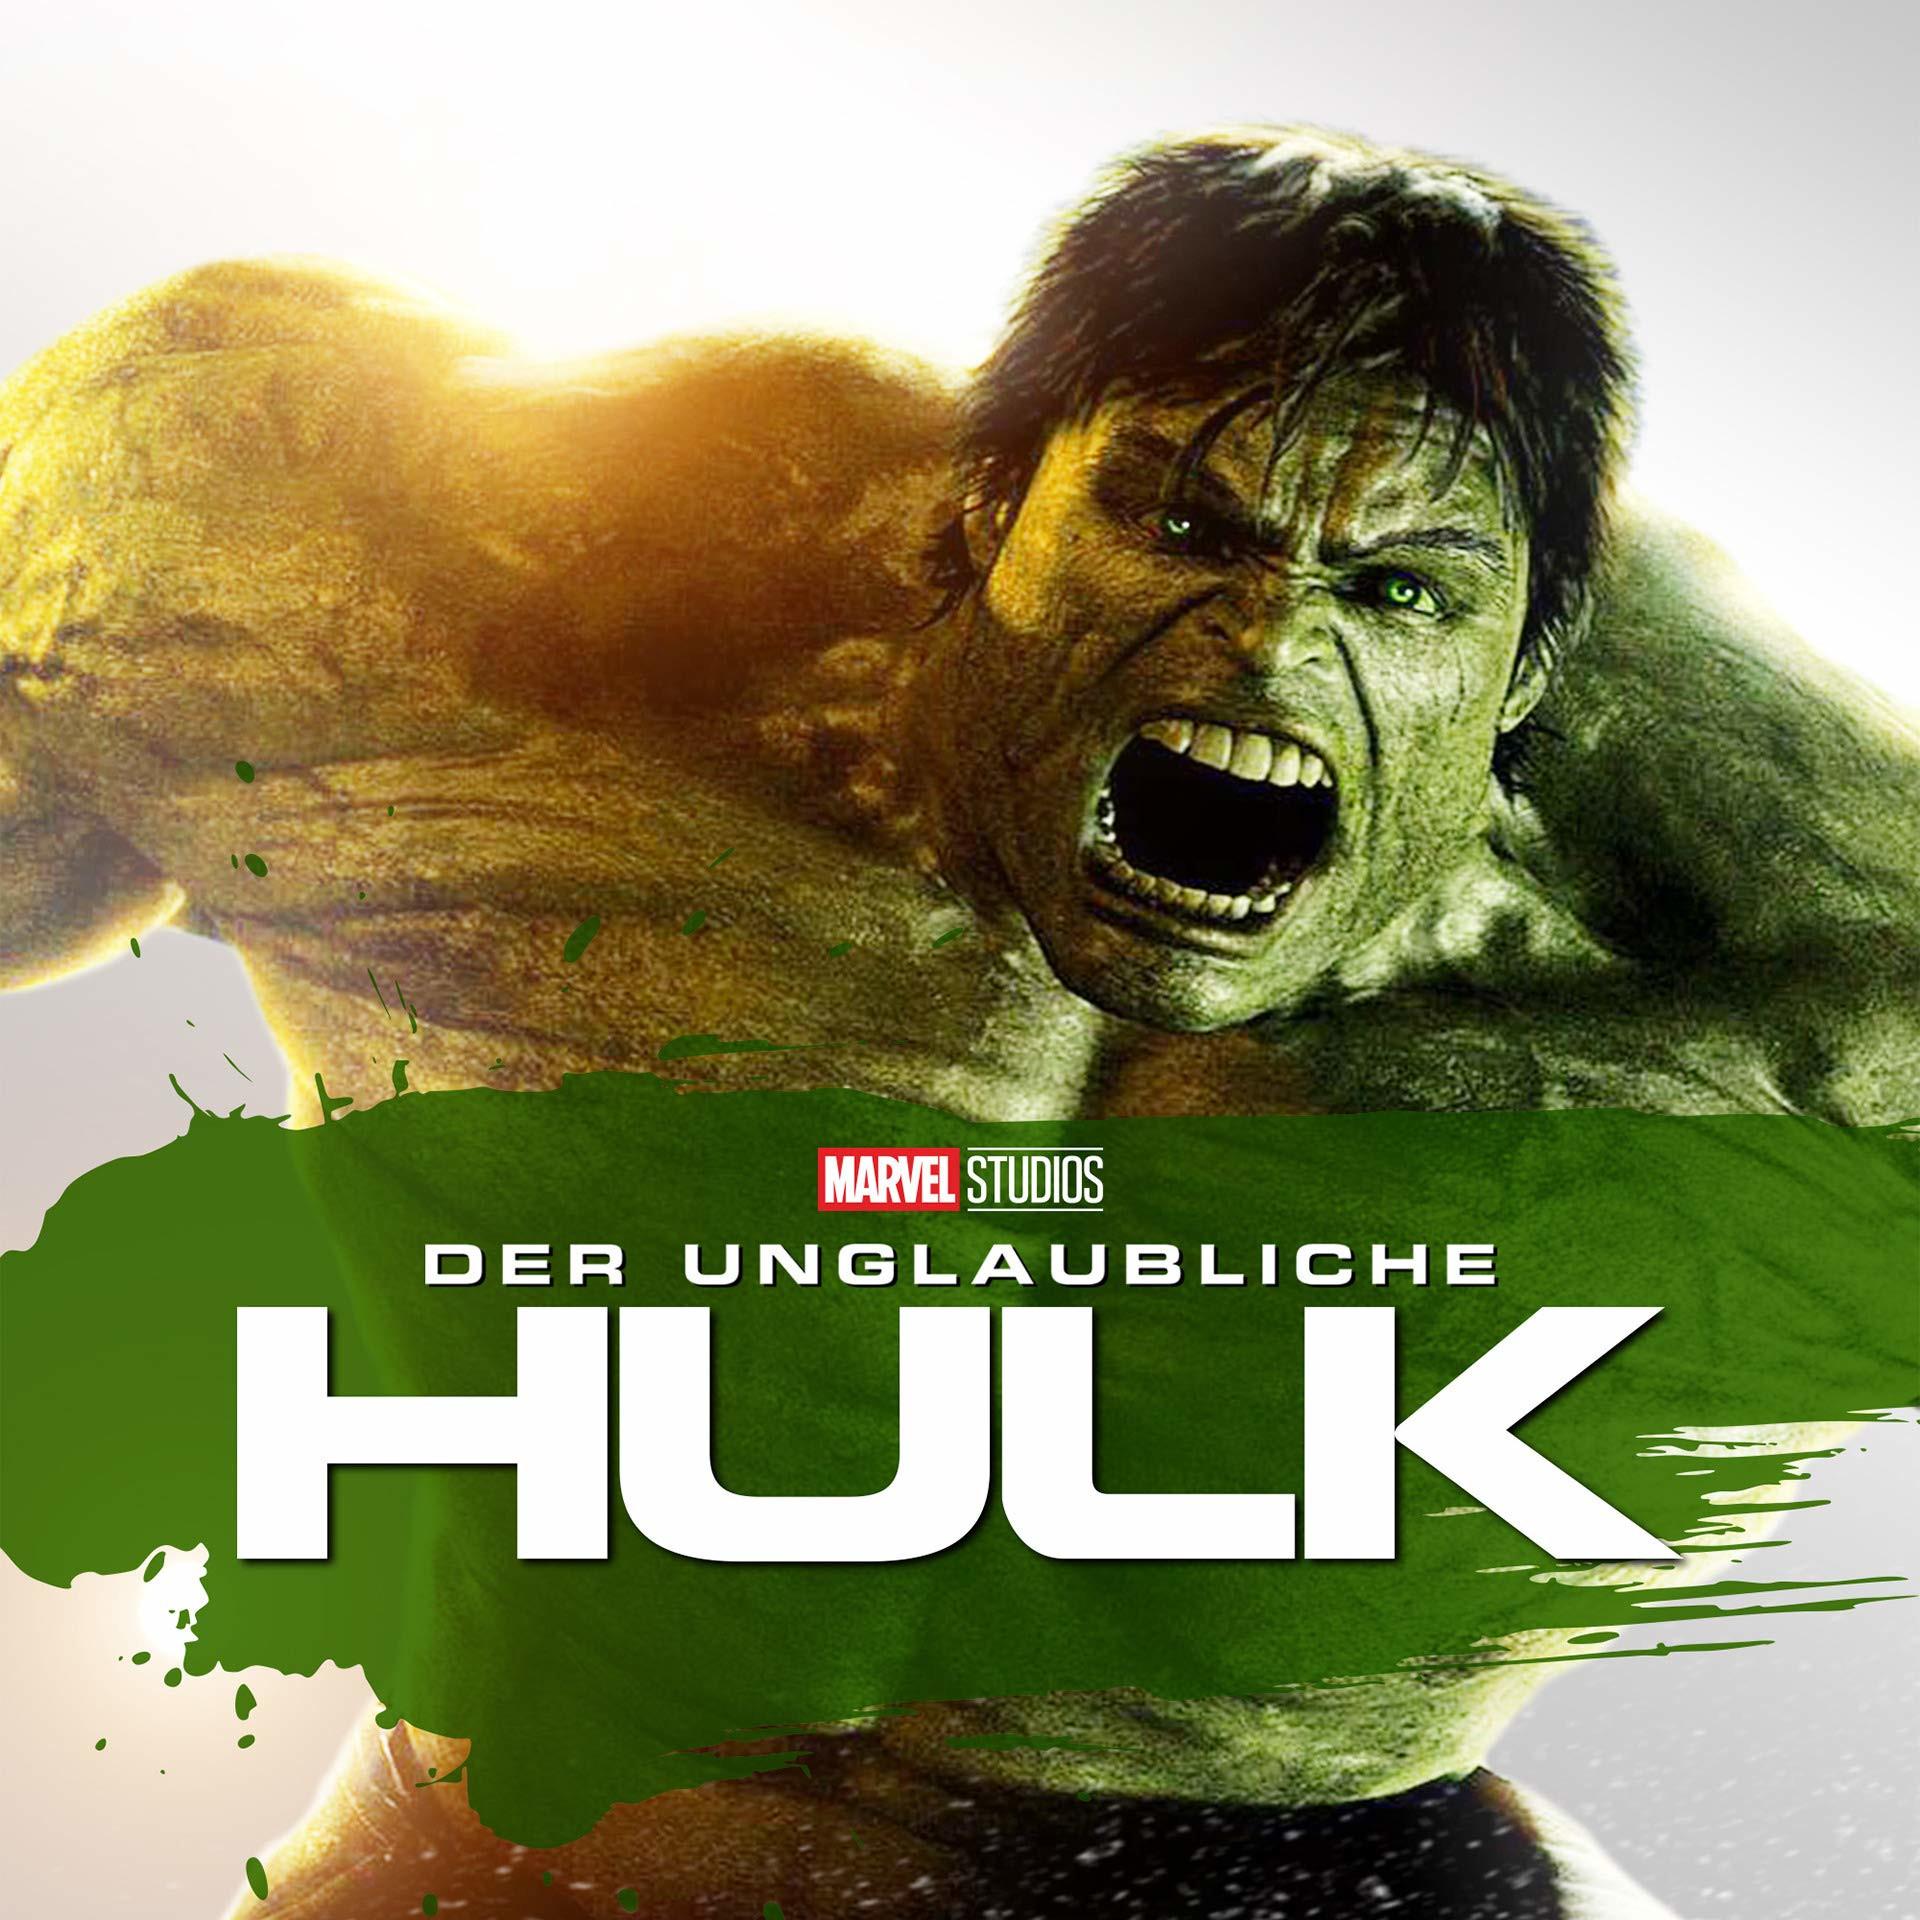 Der unglaubliche Hulk (2008) HD - MCU - Kauf [stream - google play]